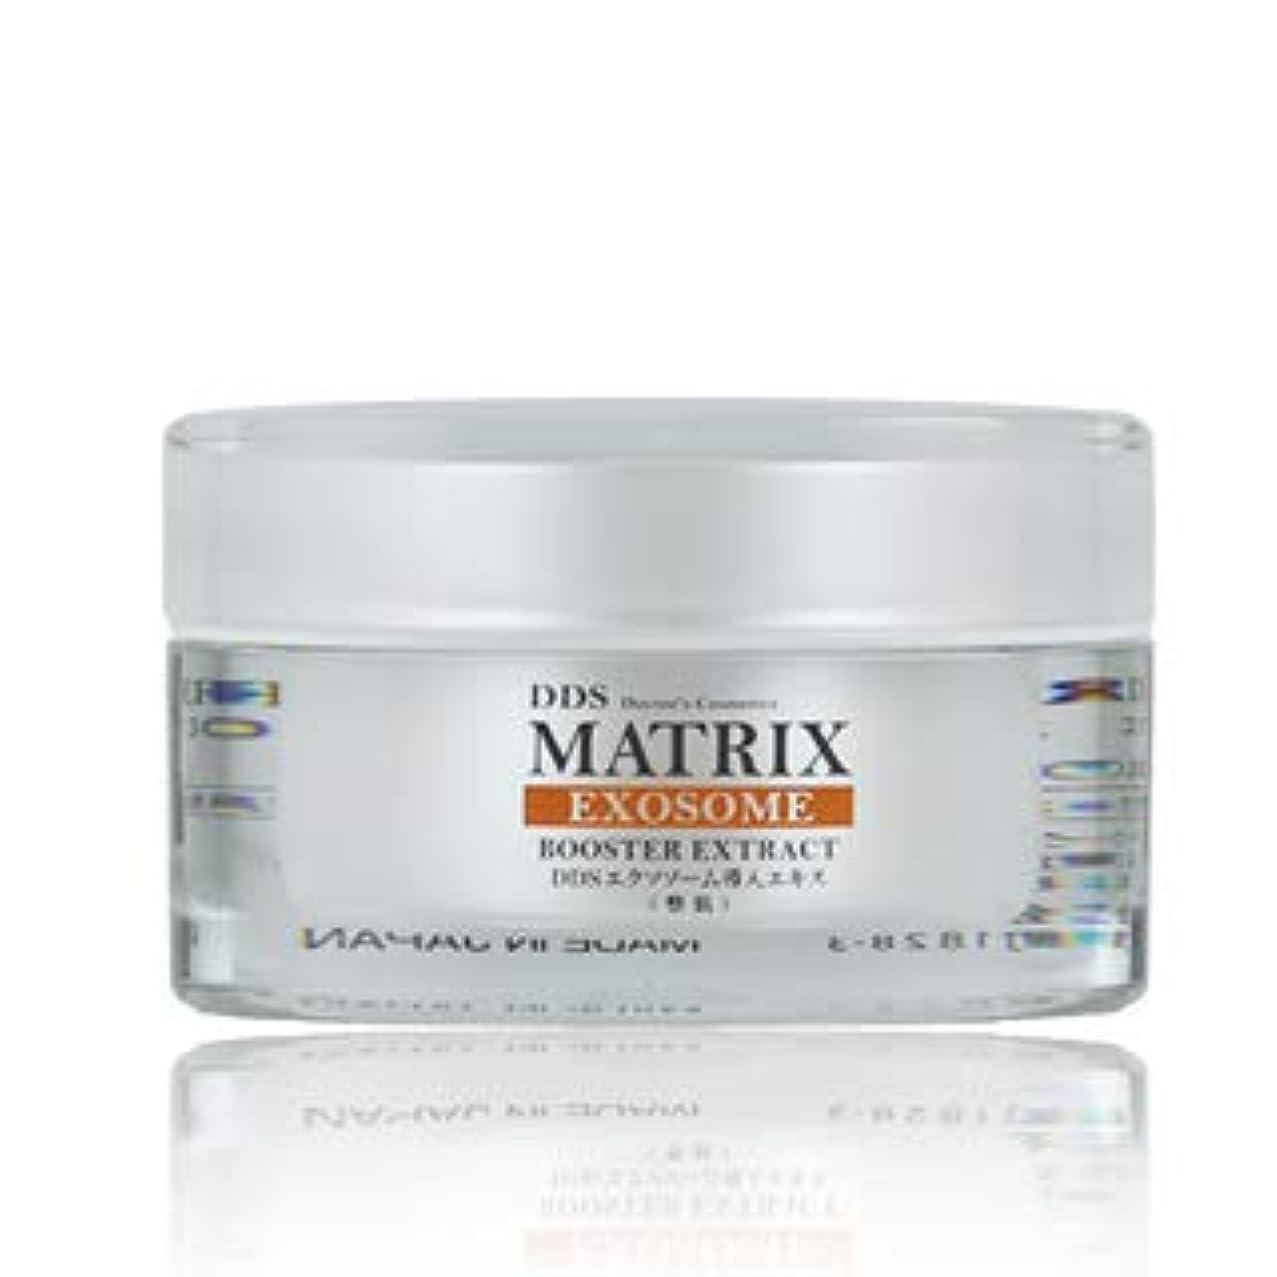 準拠不定利用可能★お取り寄せ商品★【DDS MATRIX】エクソソーム導入エキス(整肌)30g